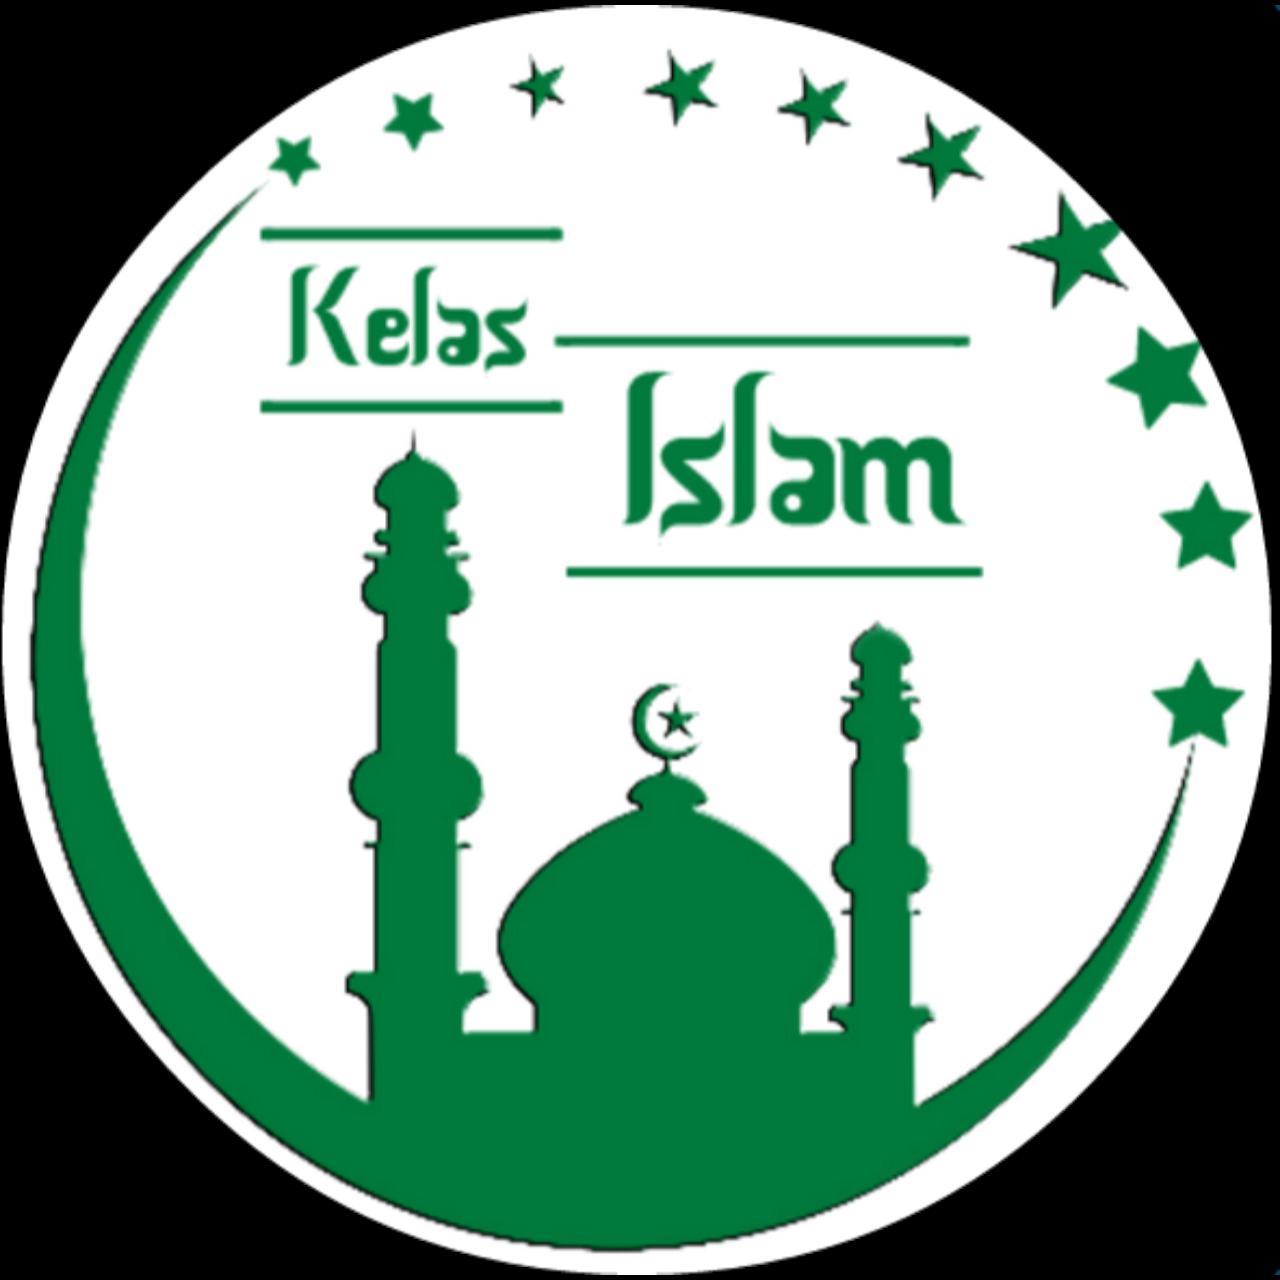 Kelas Islam